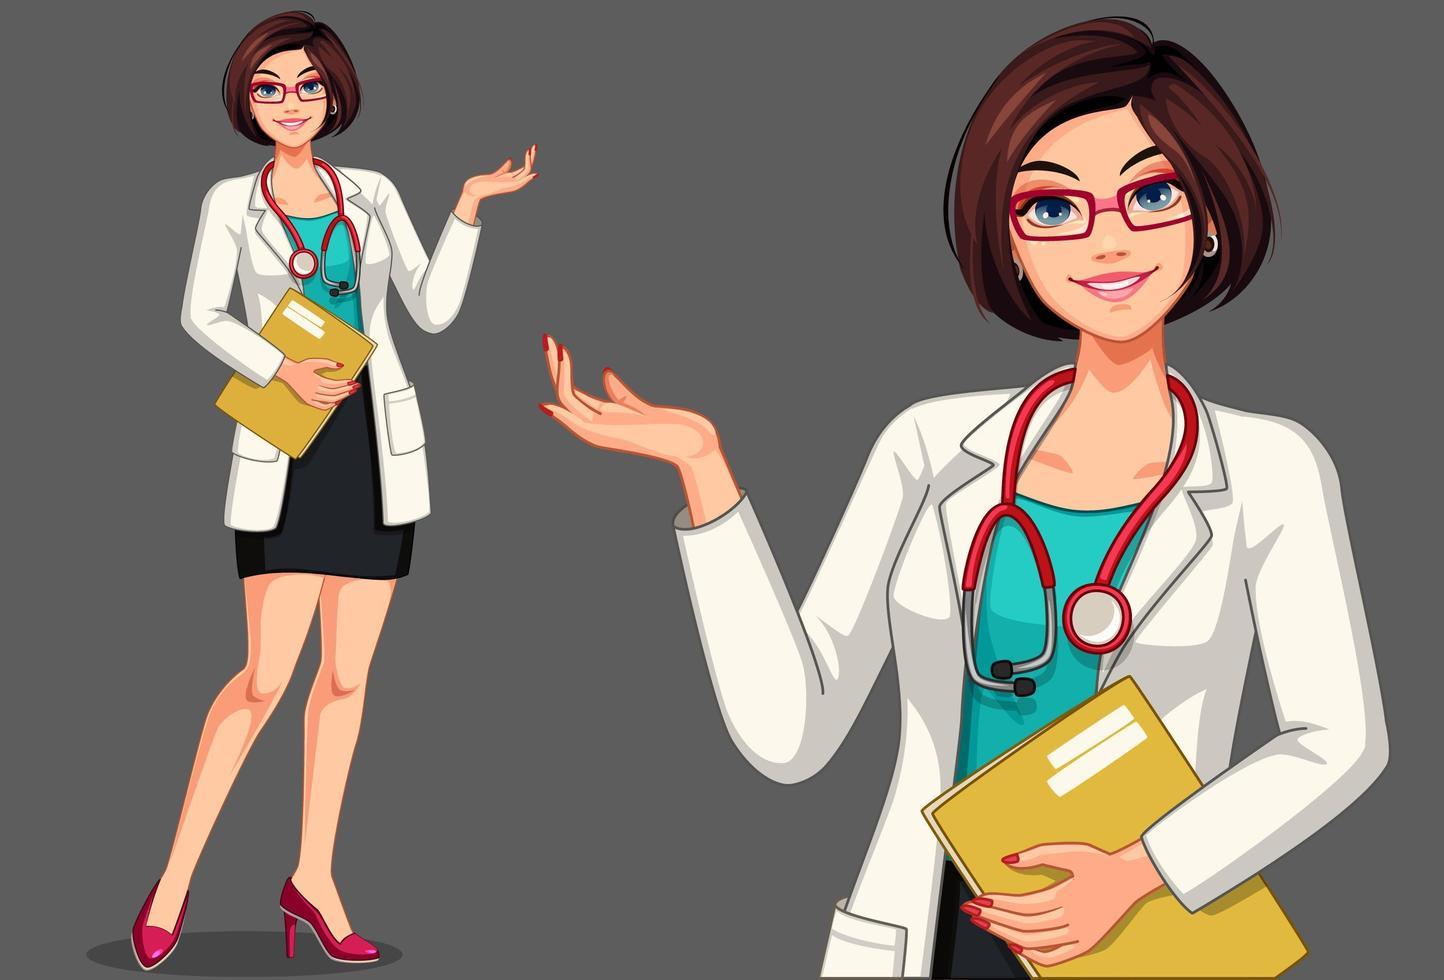 médica segurando um conjunto de prancheta vetor